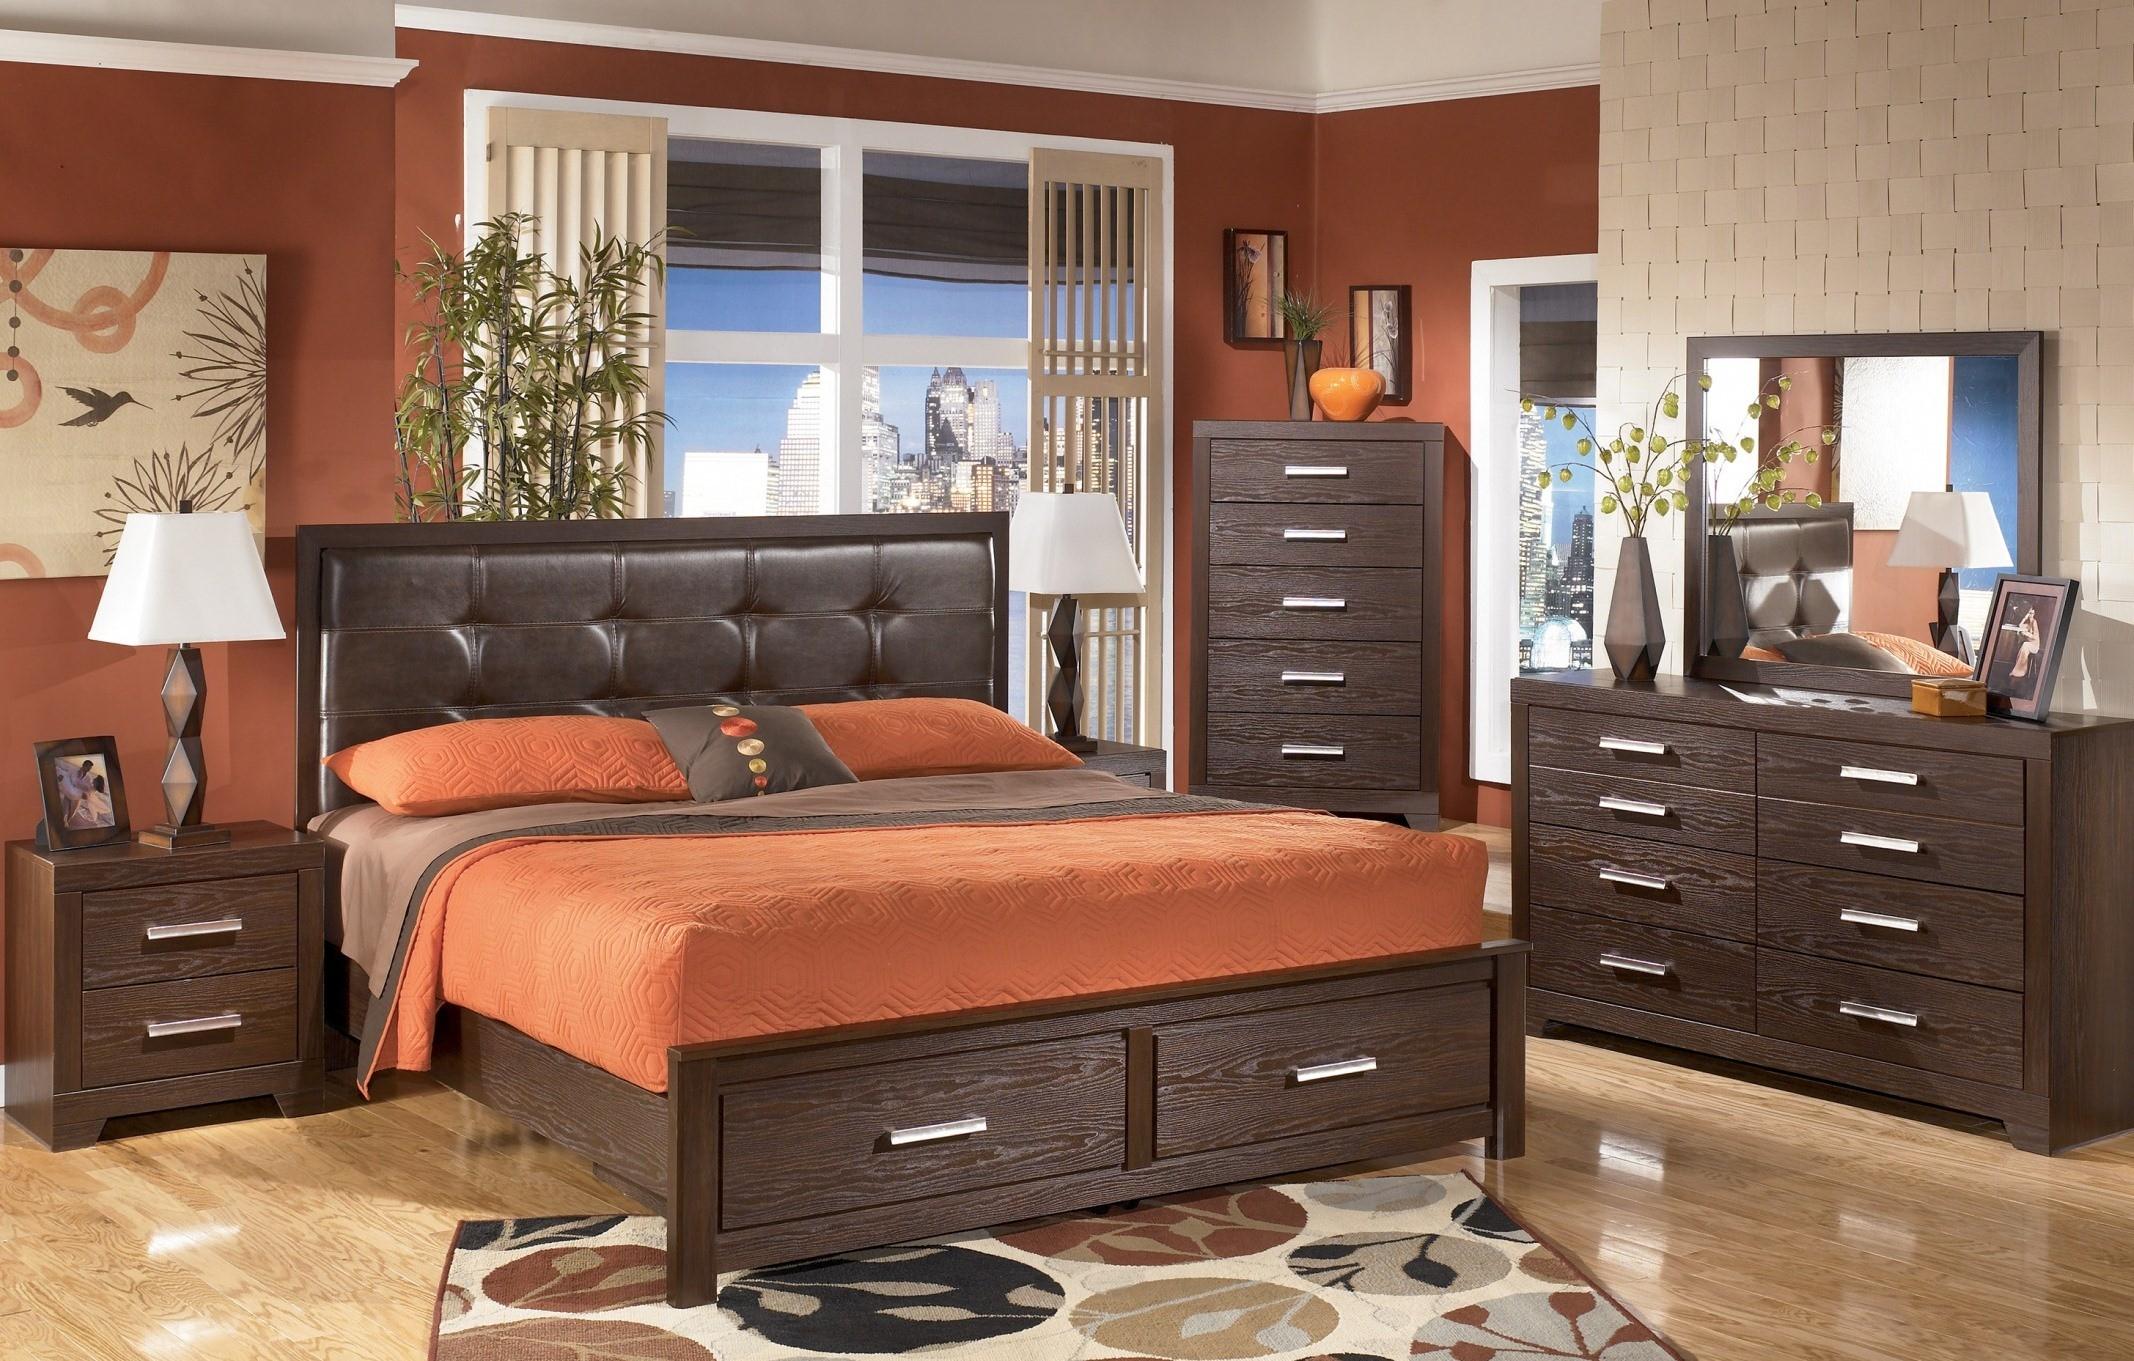 Aleydis Upholstered Platform Storage Bedroom Set from